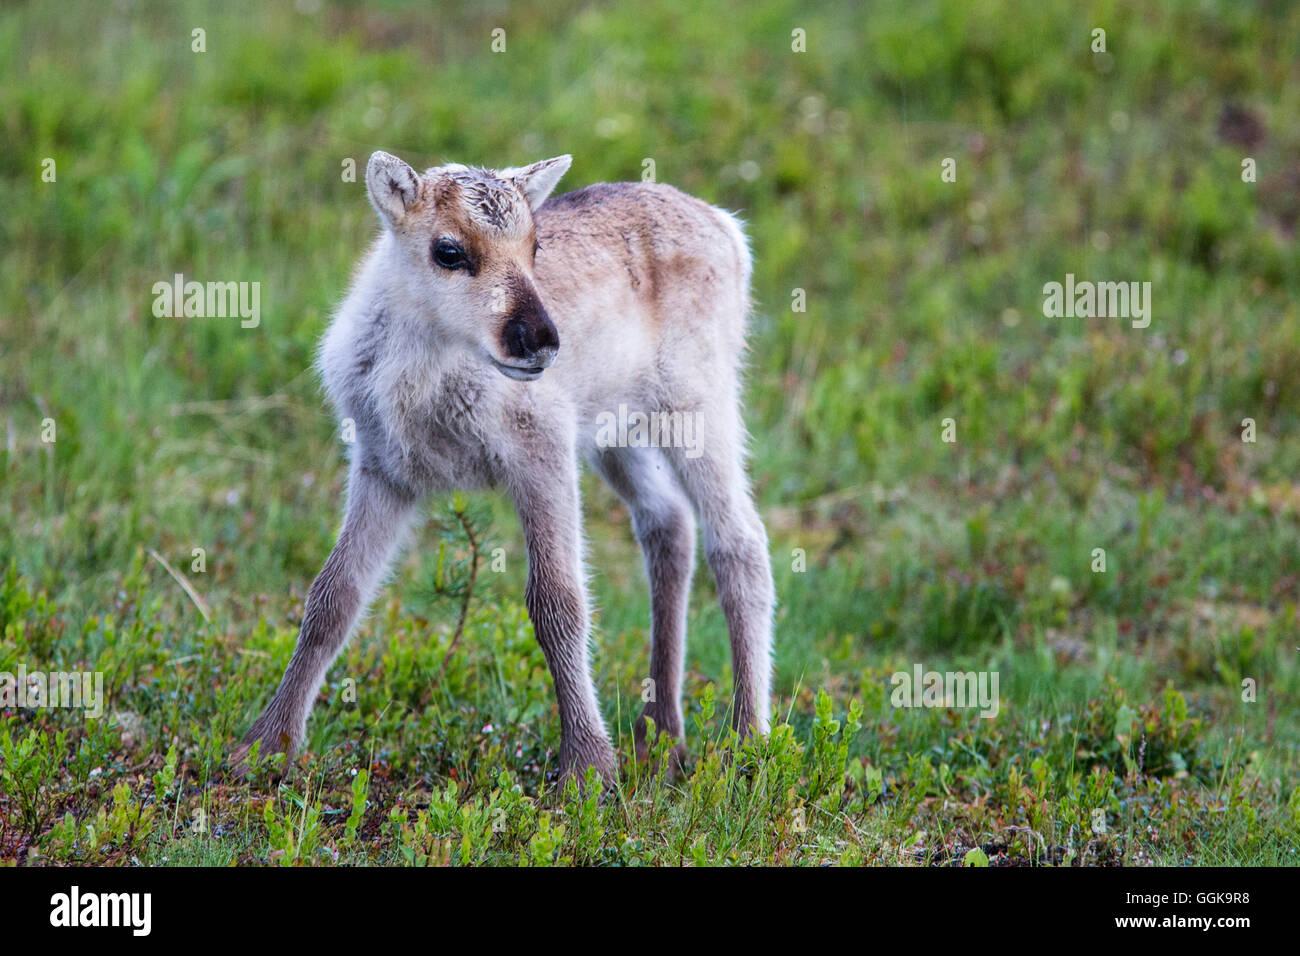 Junge Rentiere, Nationalpark Oulanka Österbotten, Nordfinnland Stockbild